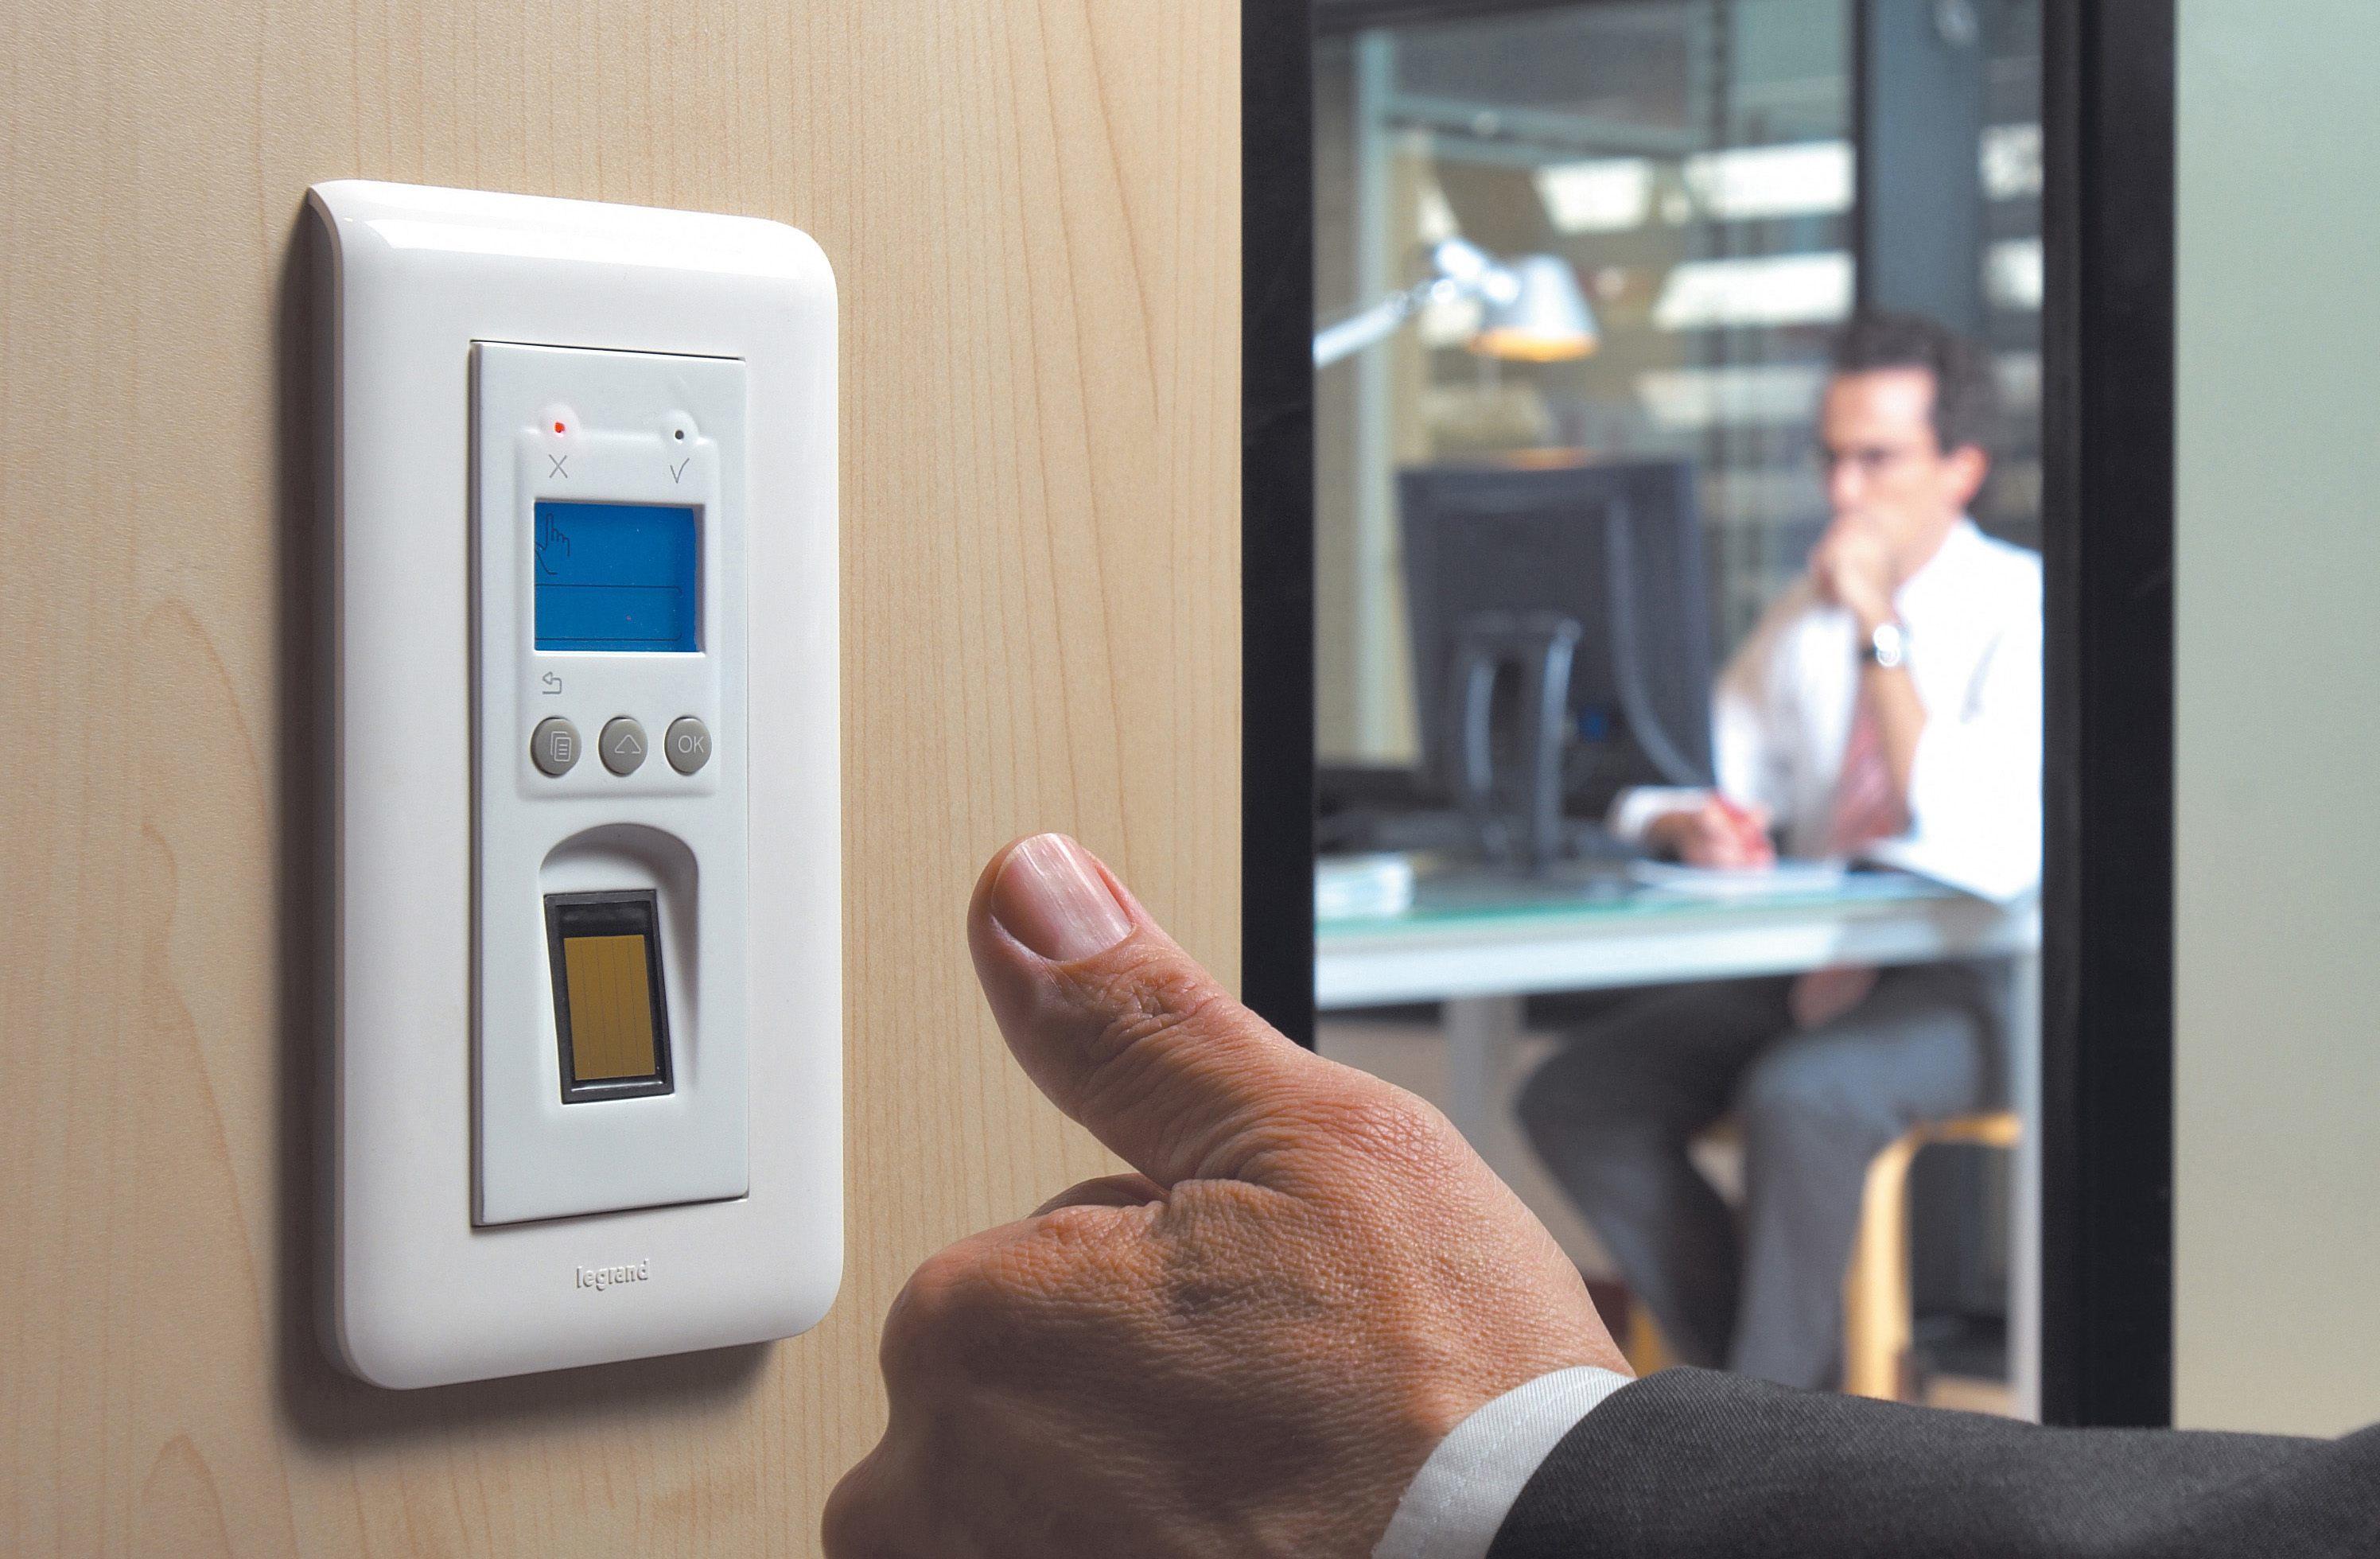 Los controles de acceso y presencia tienen muchas funcionalidades.